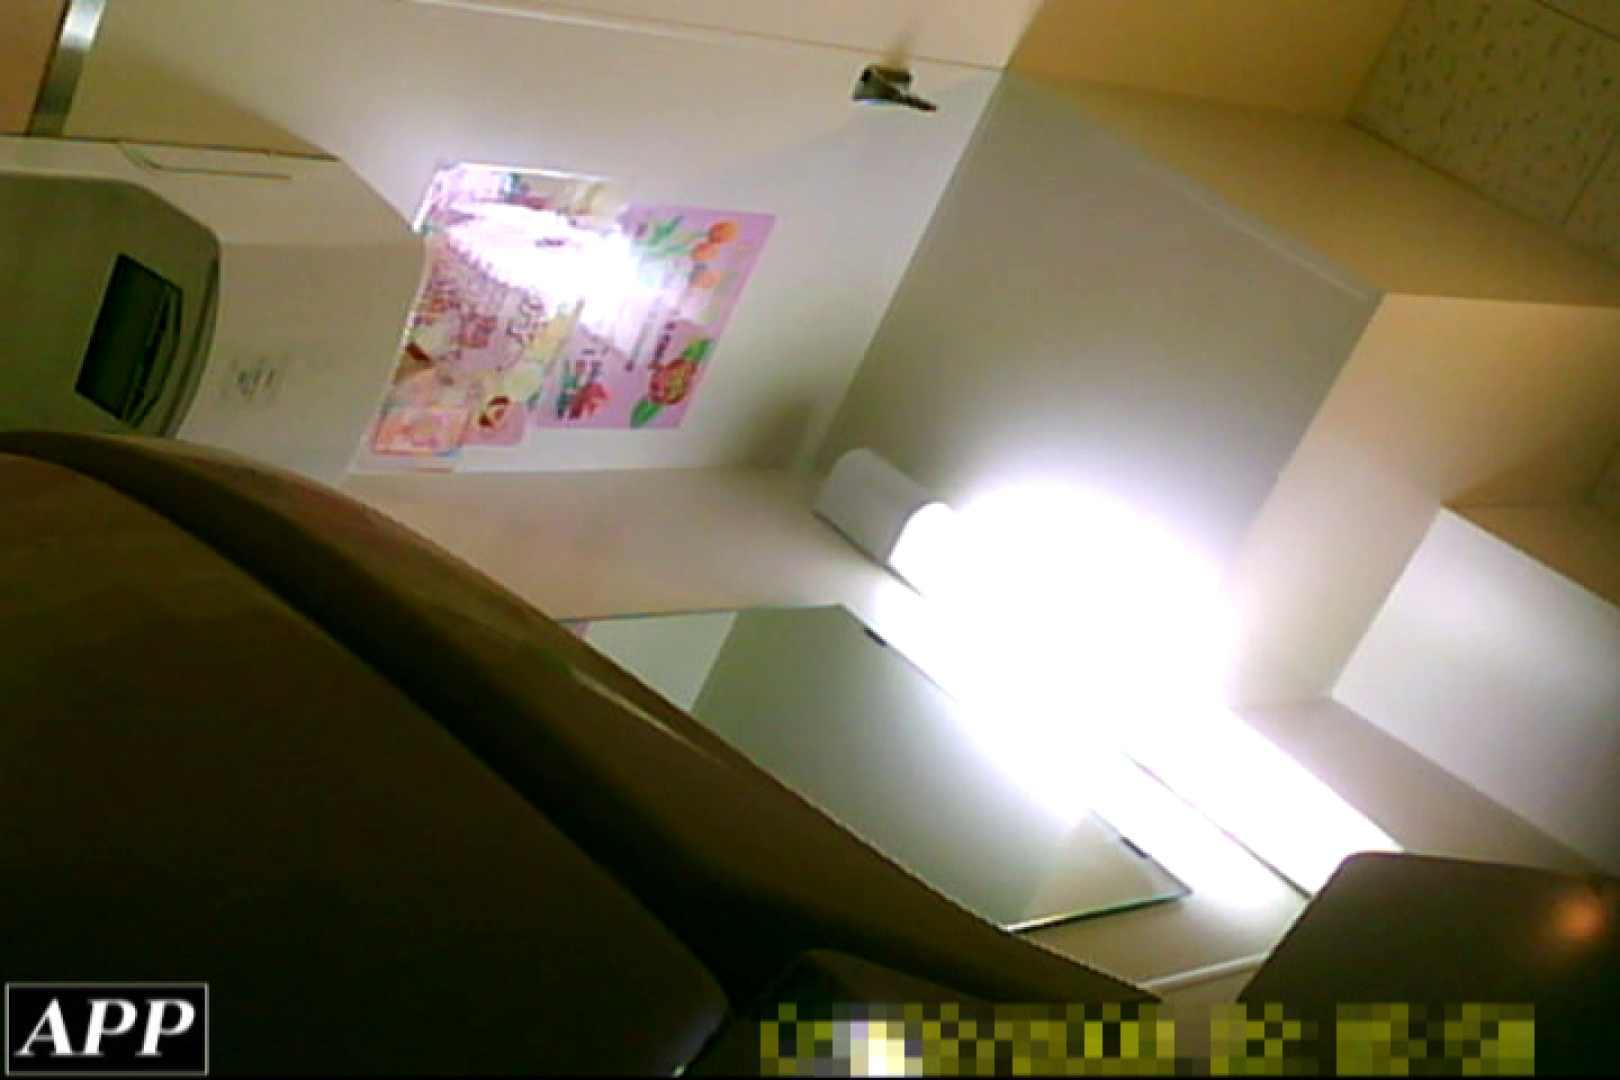 3視点洗面所 vol.99 肛門 盗み撮りAV無料動画キャプチャ 92PICs 17